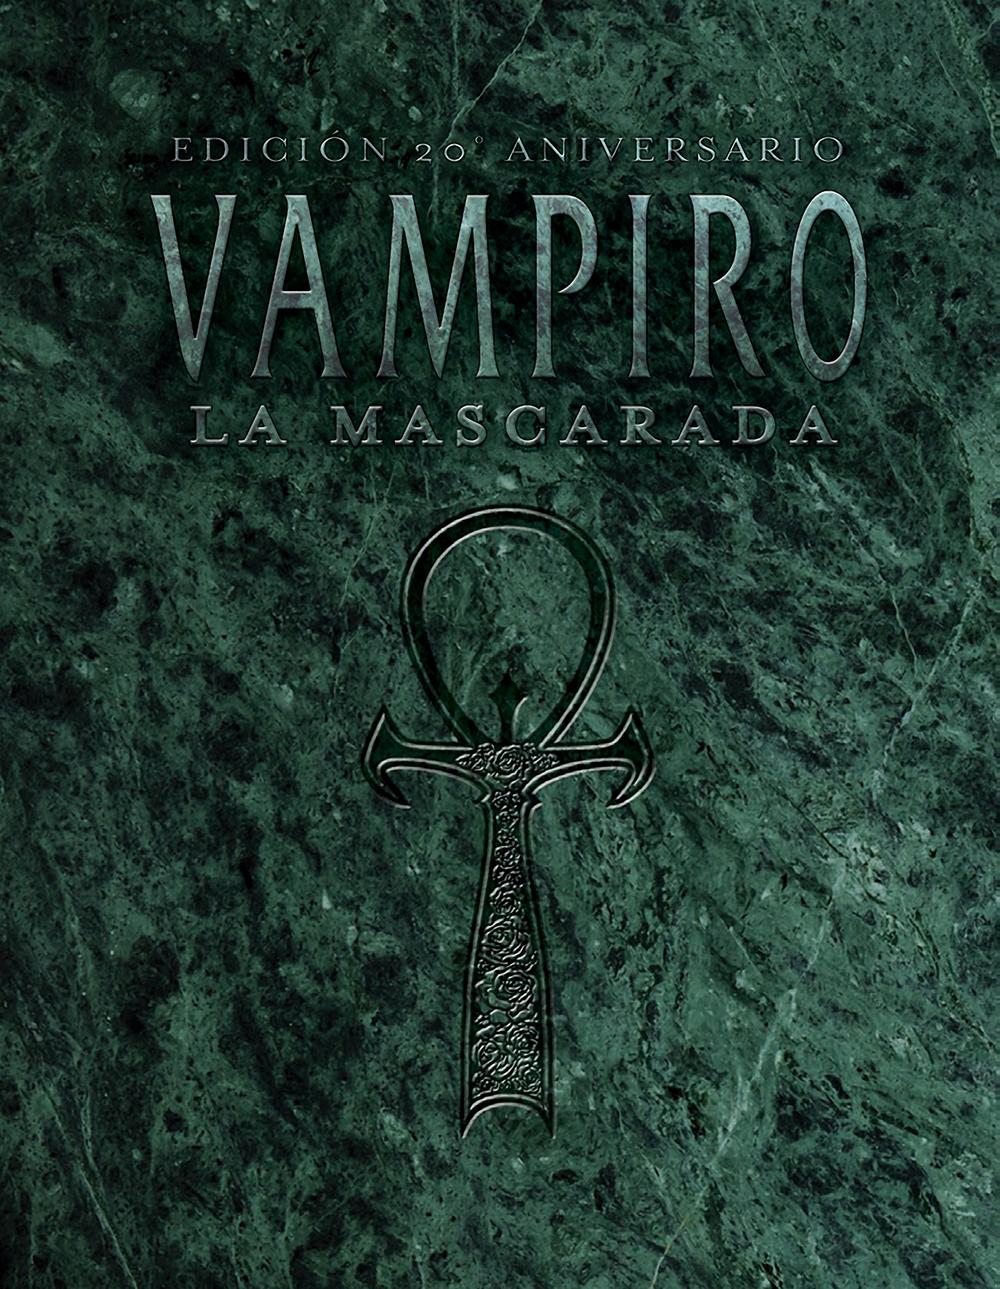 Vampiro 20.º Aniversario Edición de Bolsillo